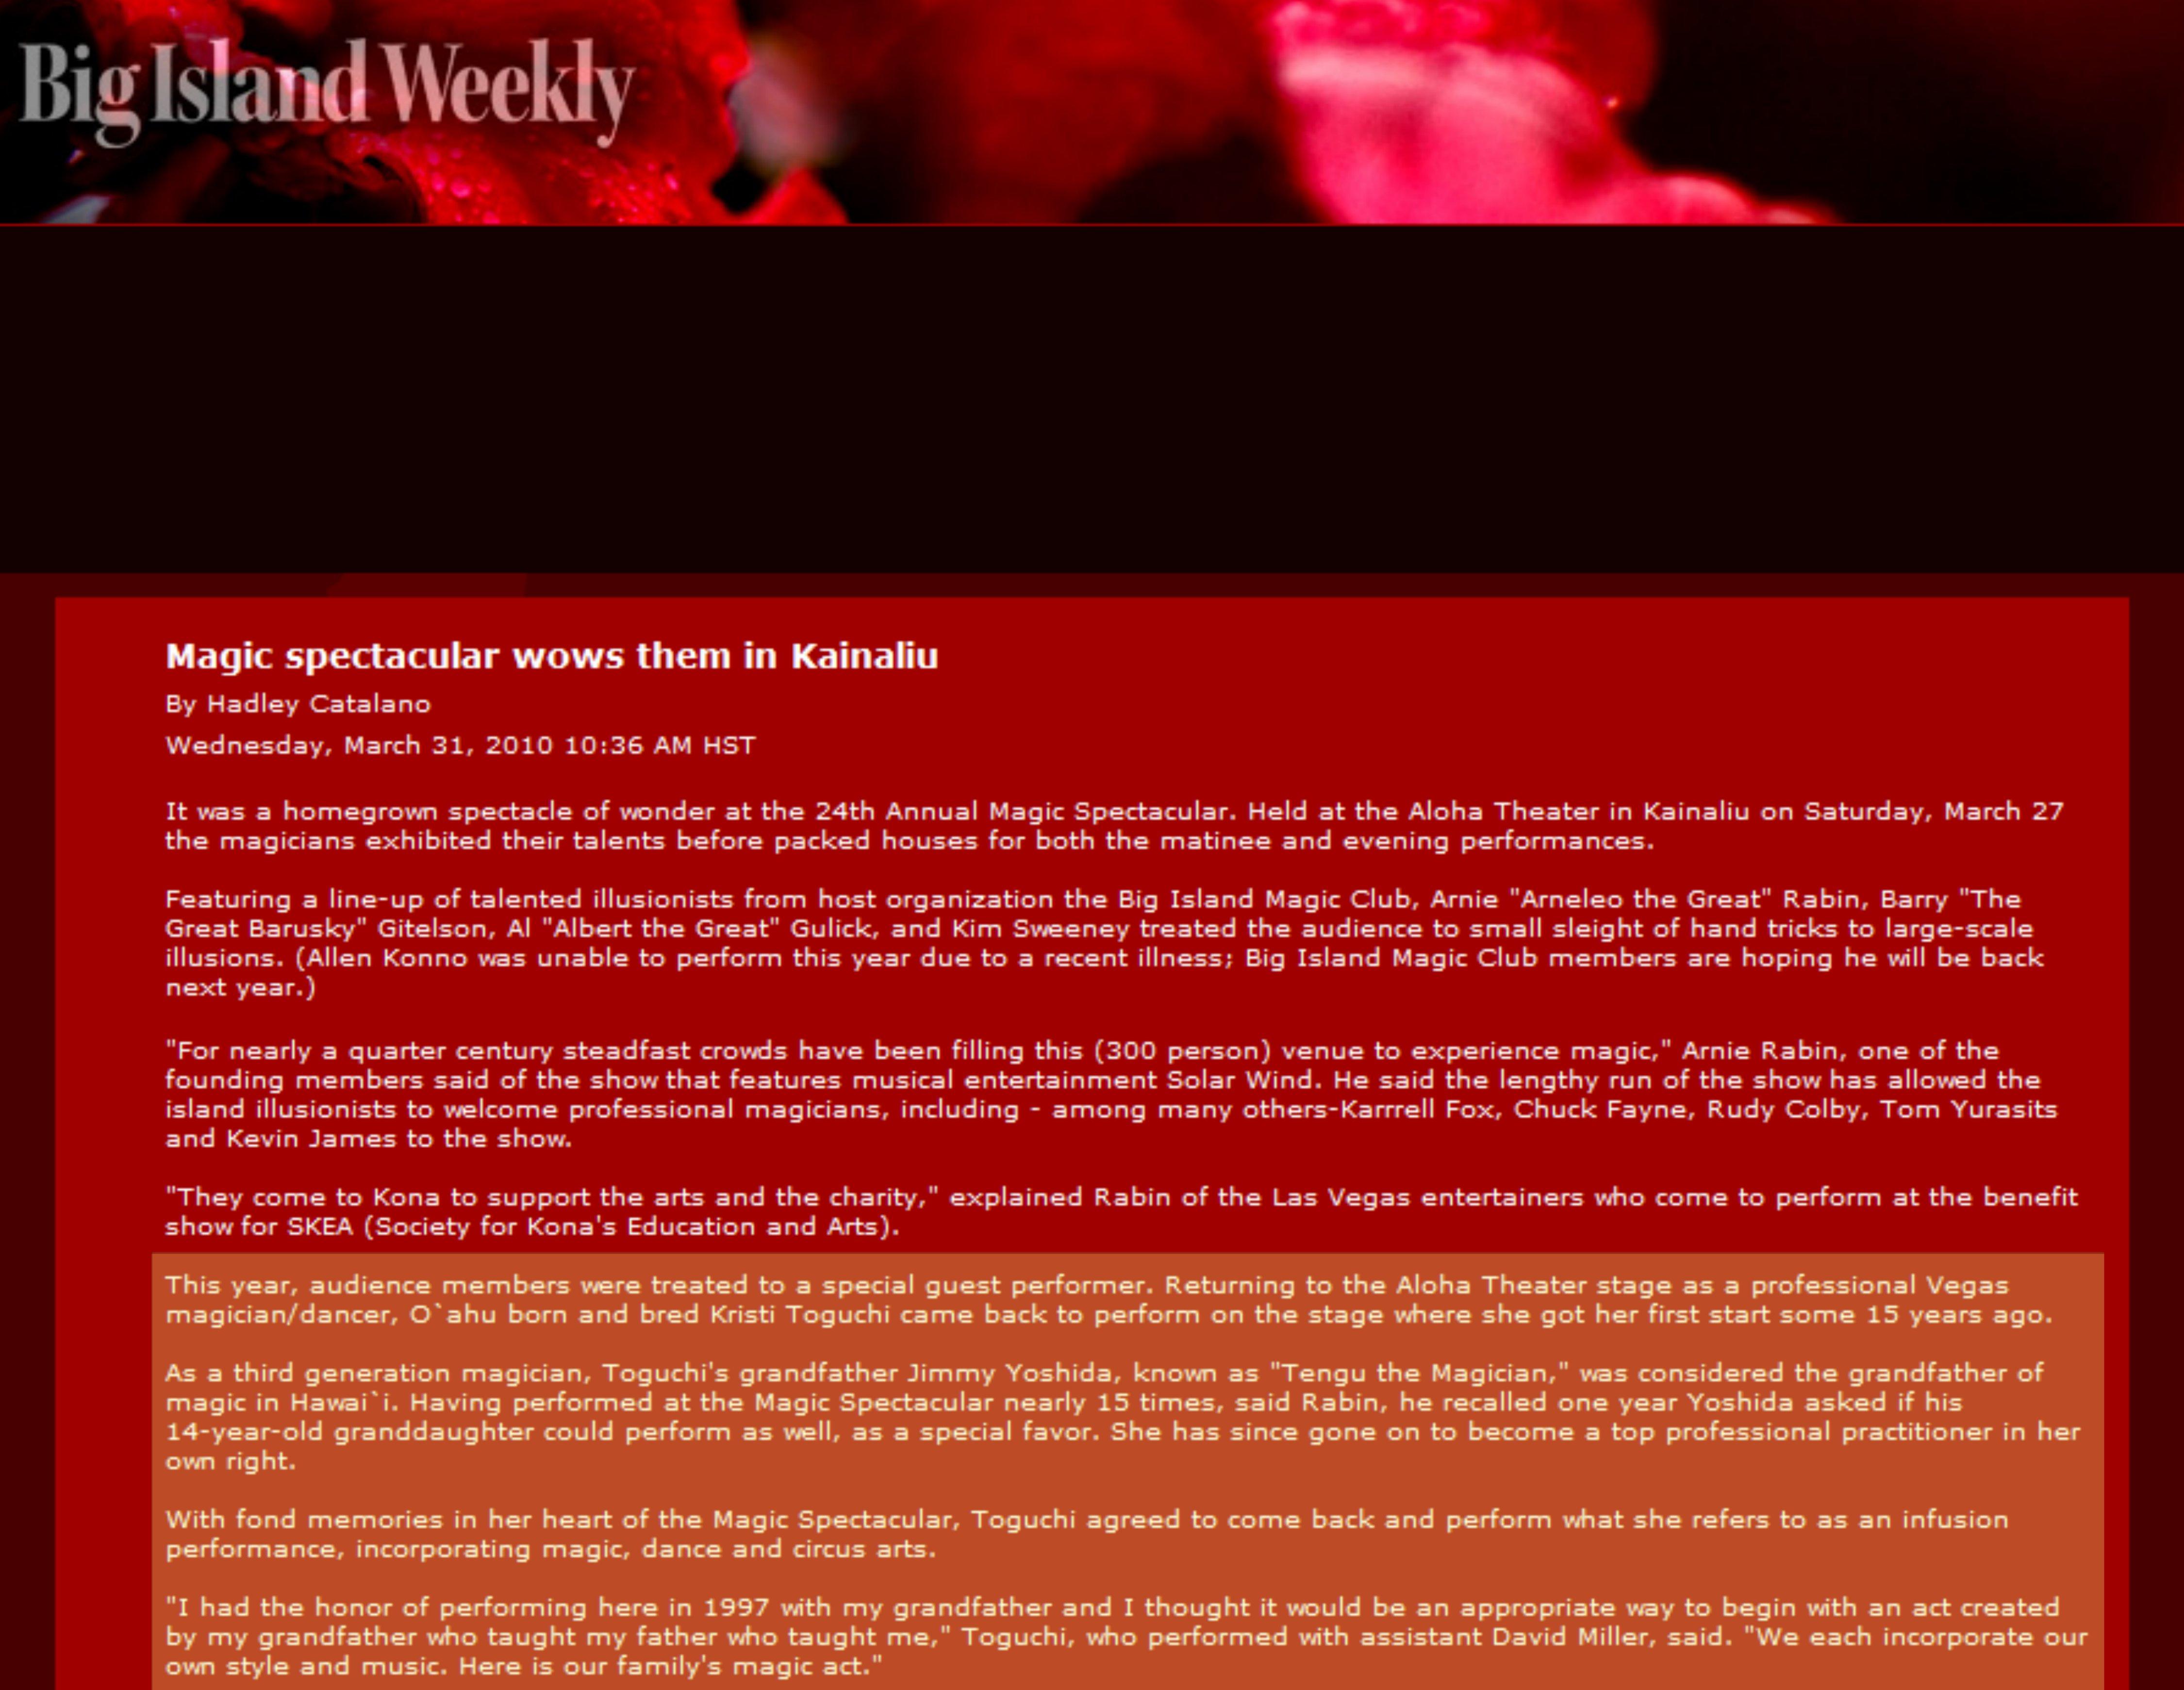 Big Island Weekly